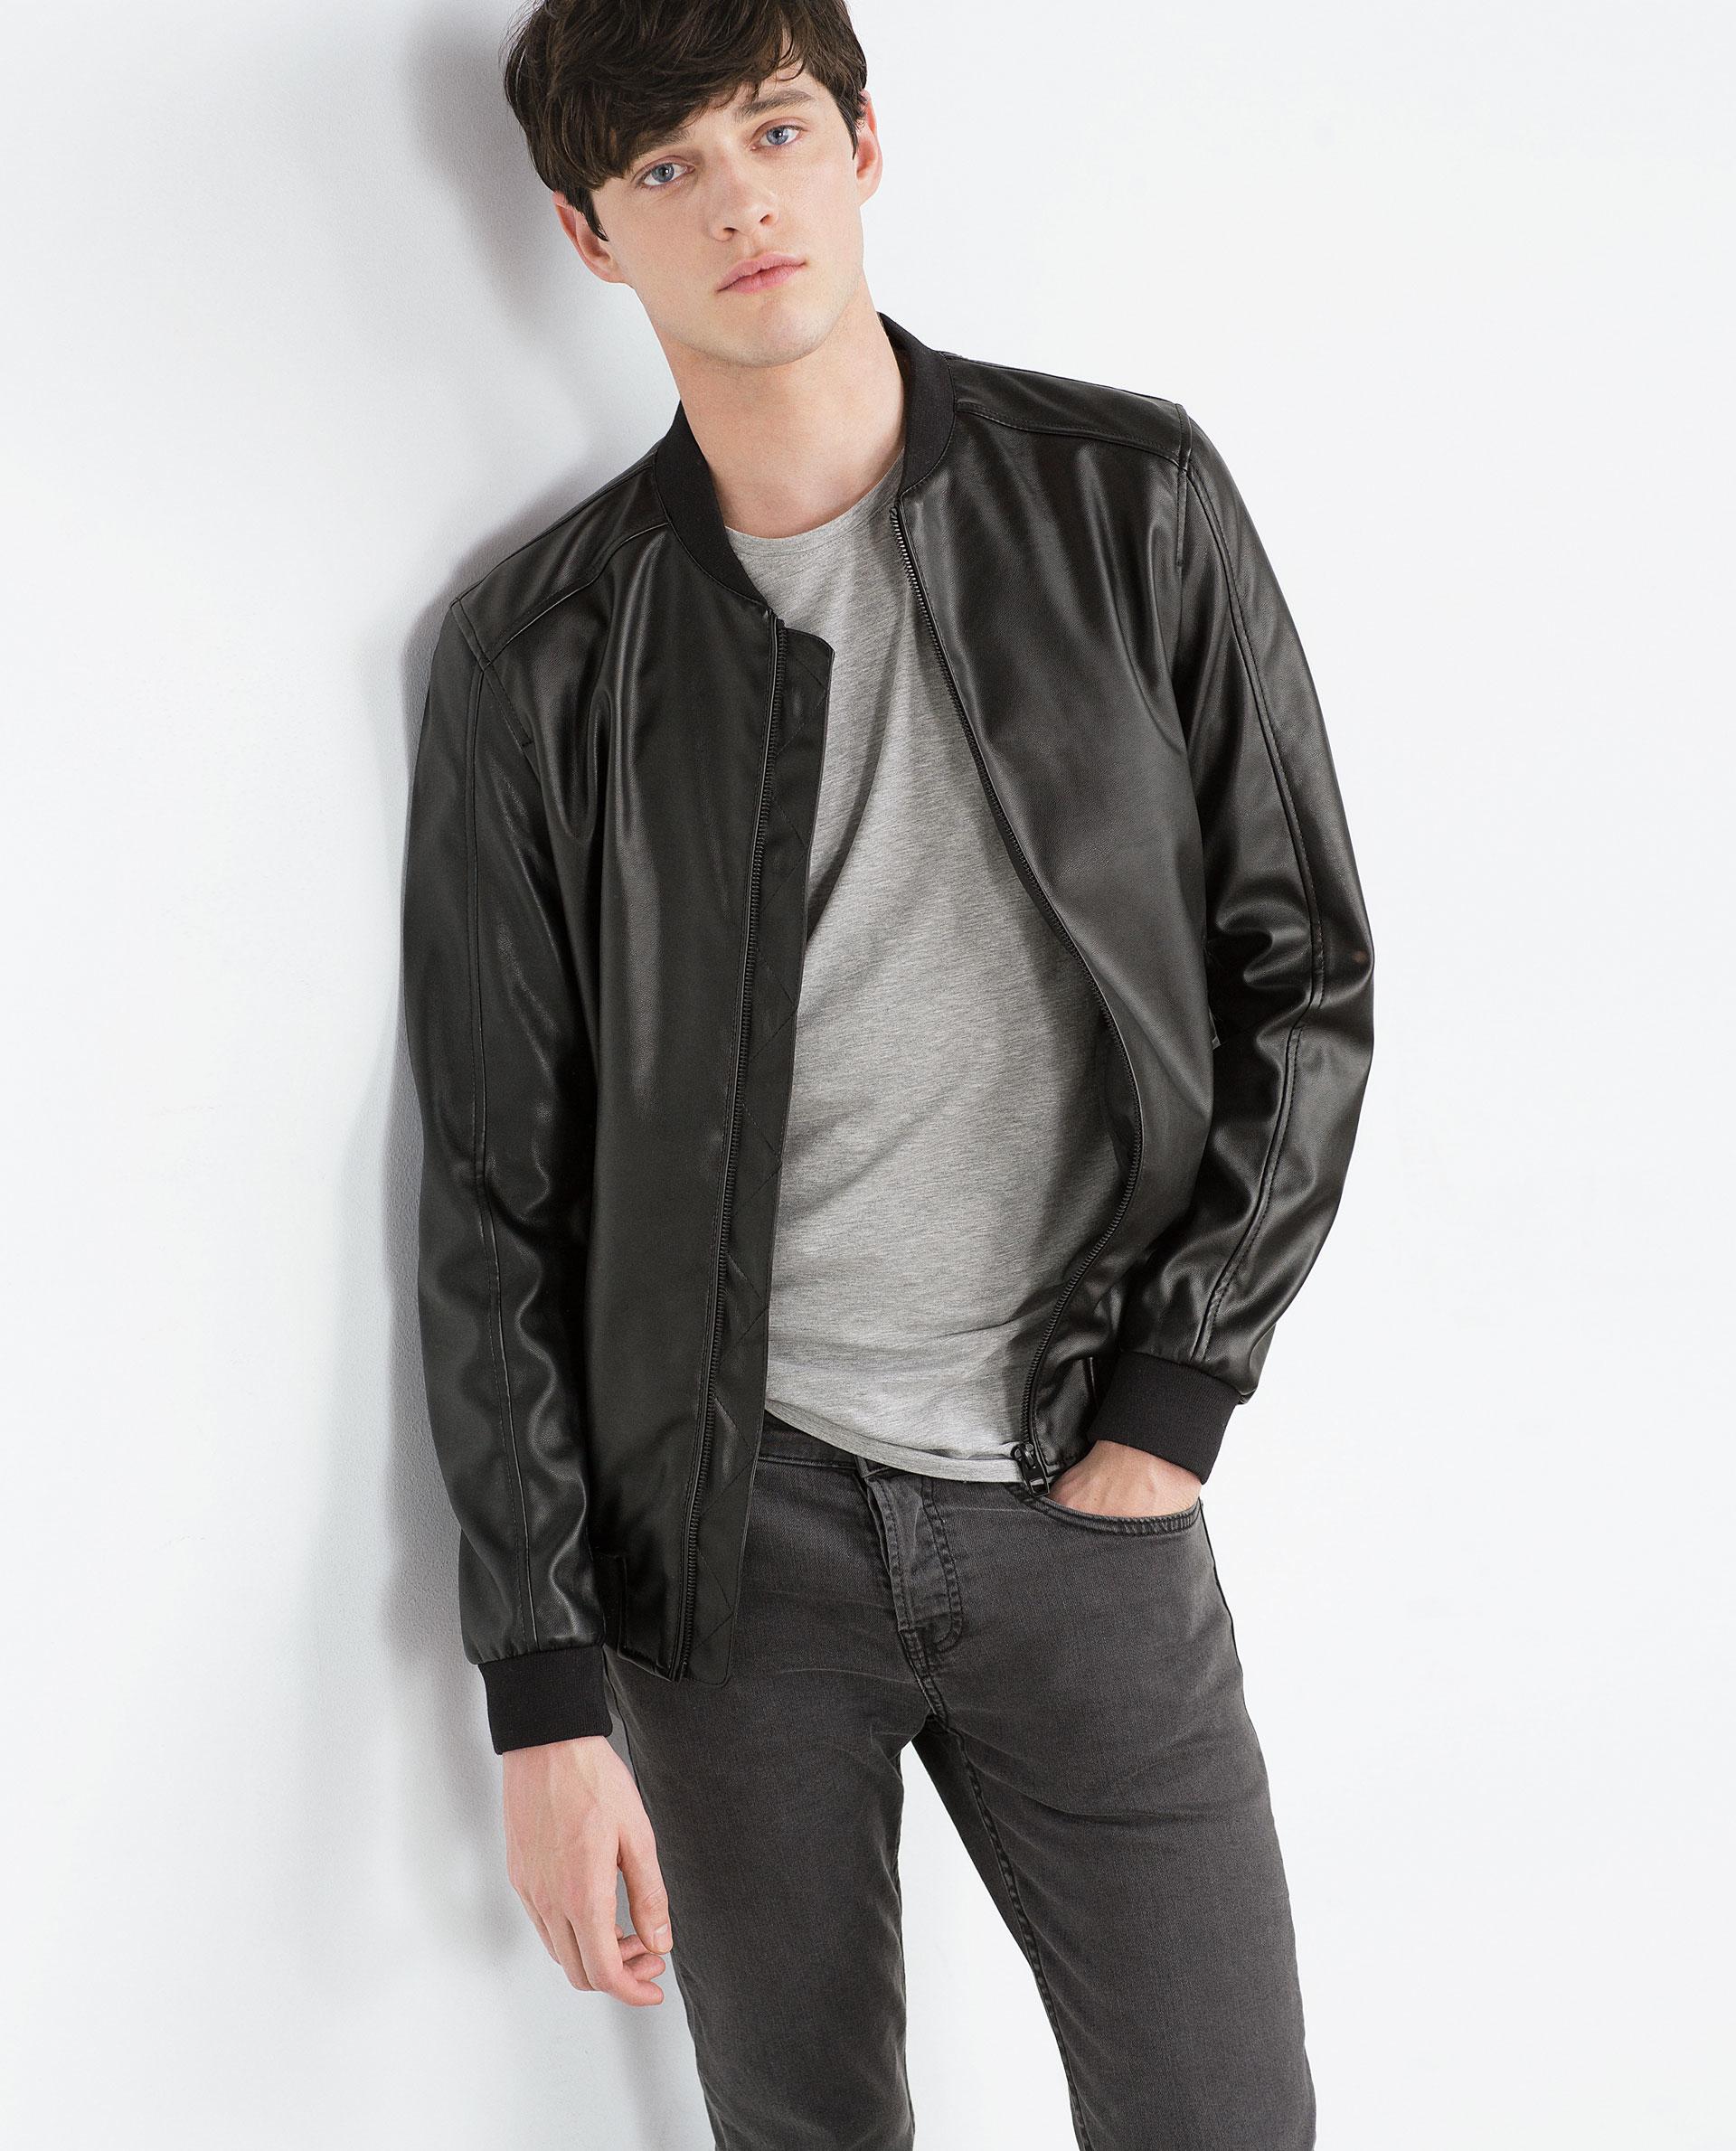 Mens Faux Leather Bomber Jacket - Coat Nj